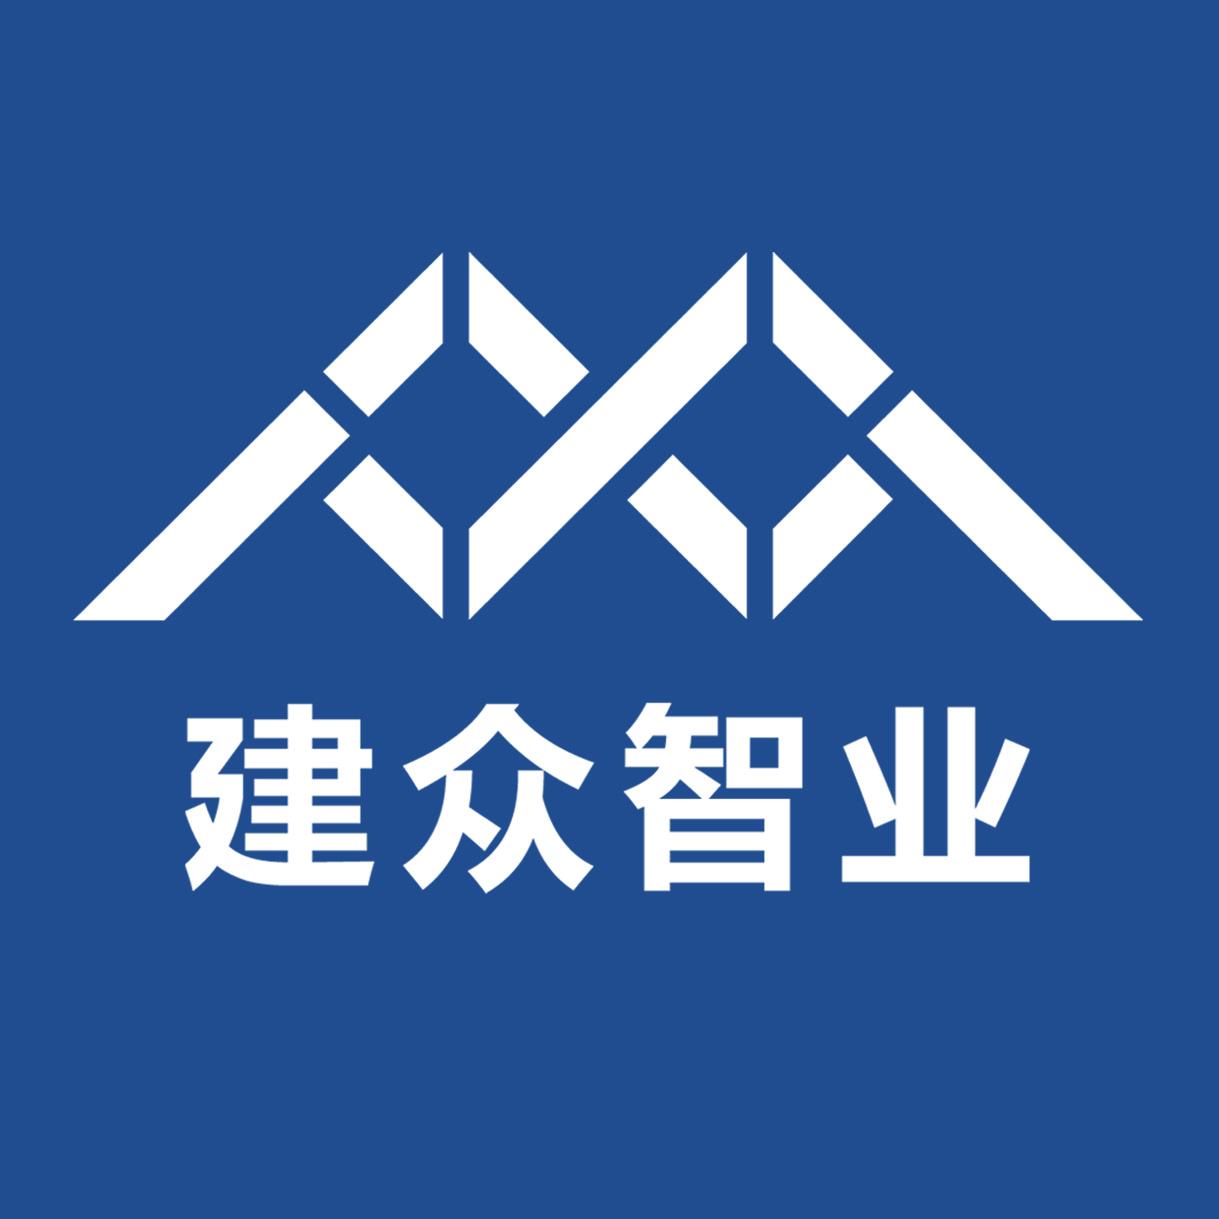 logo 标识 标志 设计 矢量 矢量图 素材 图标 1219_1219